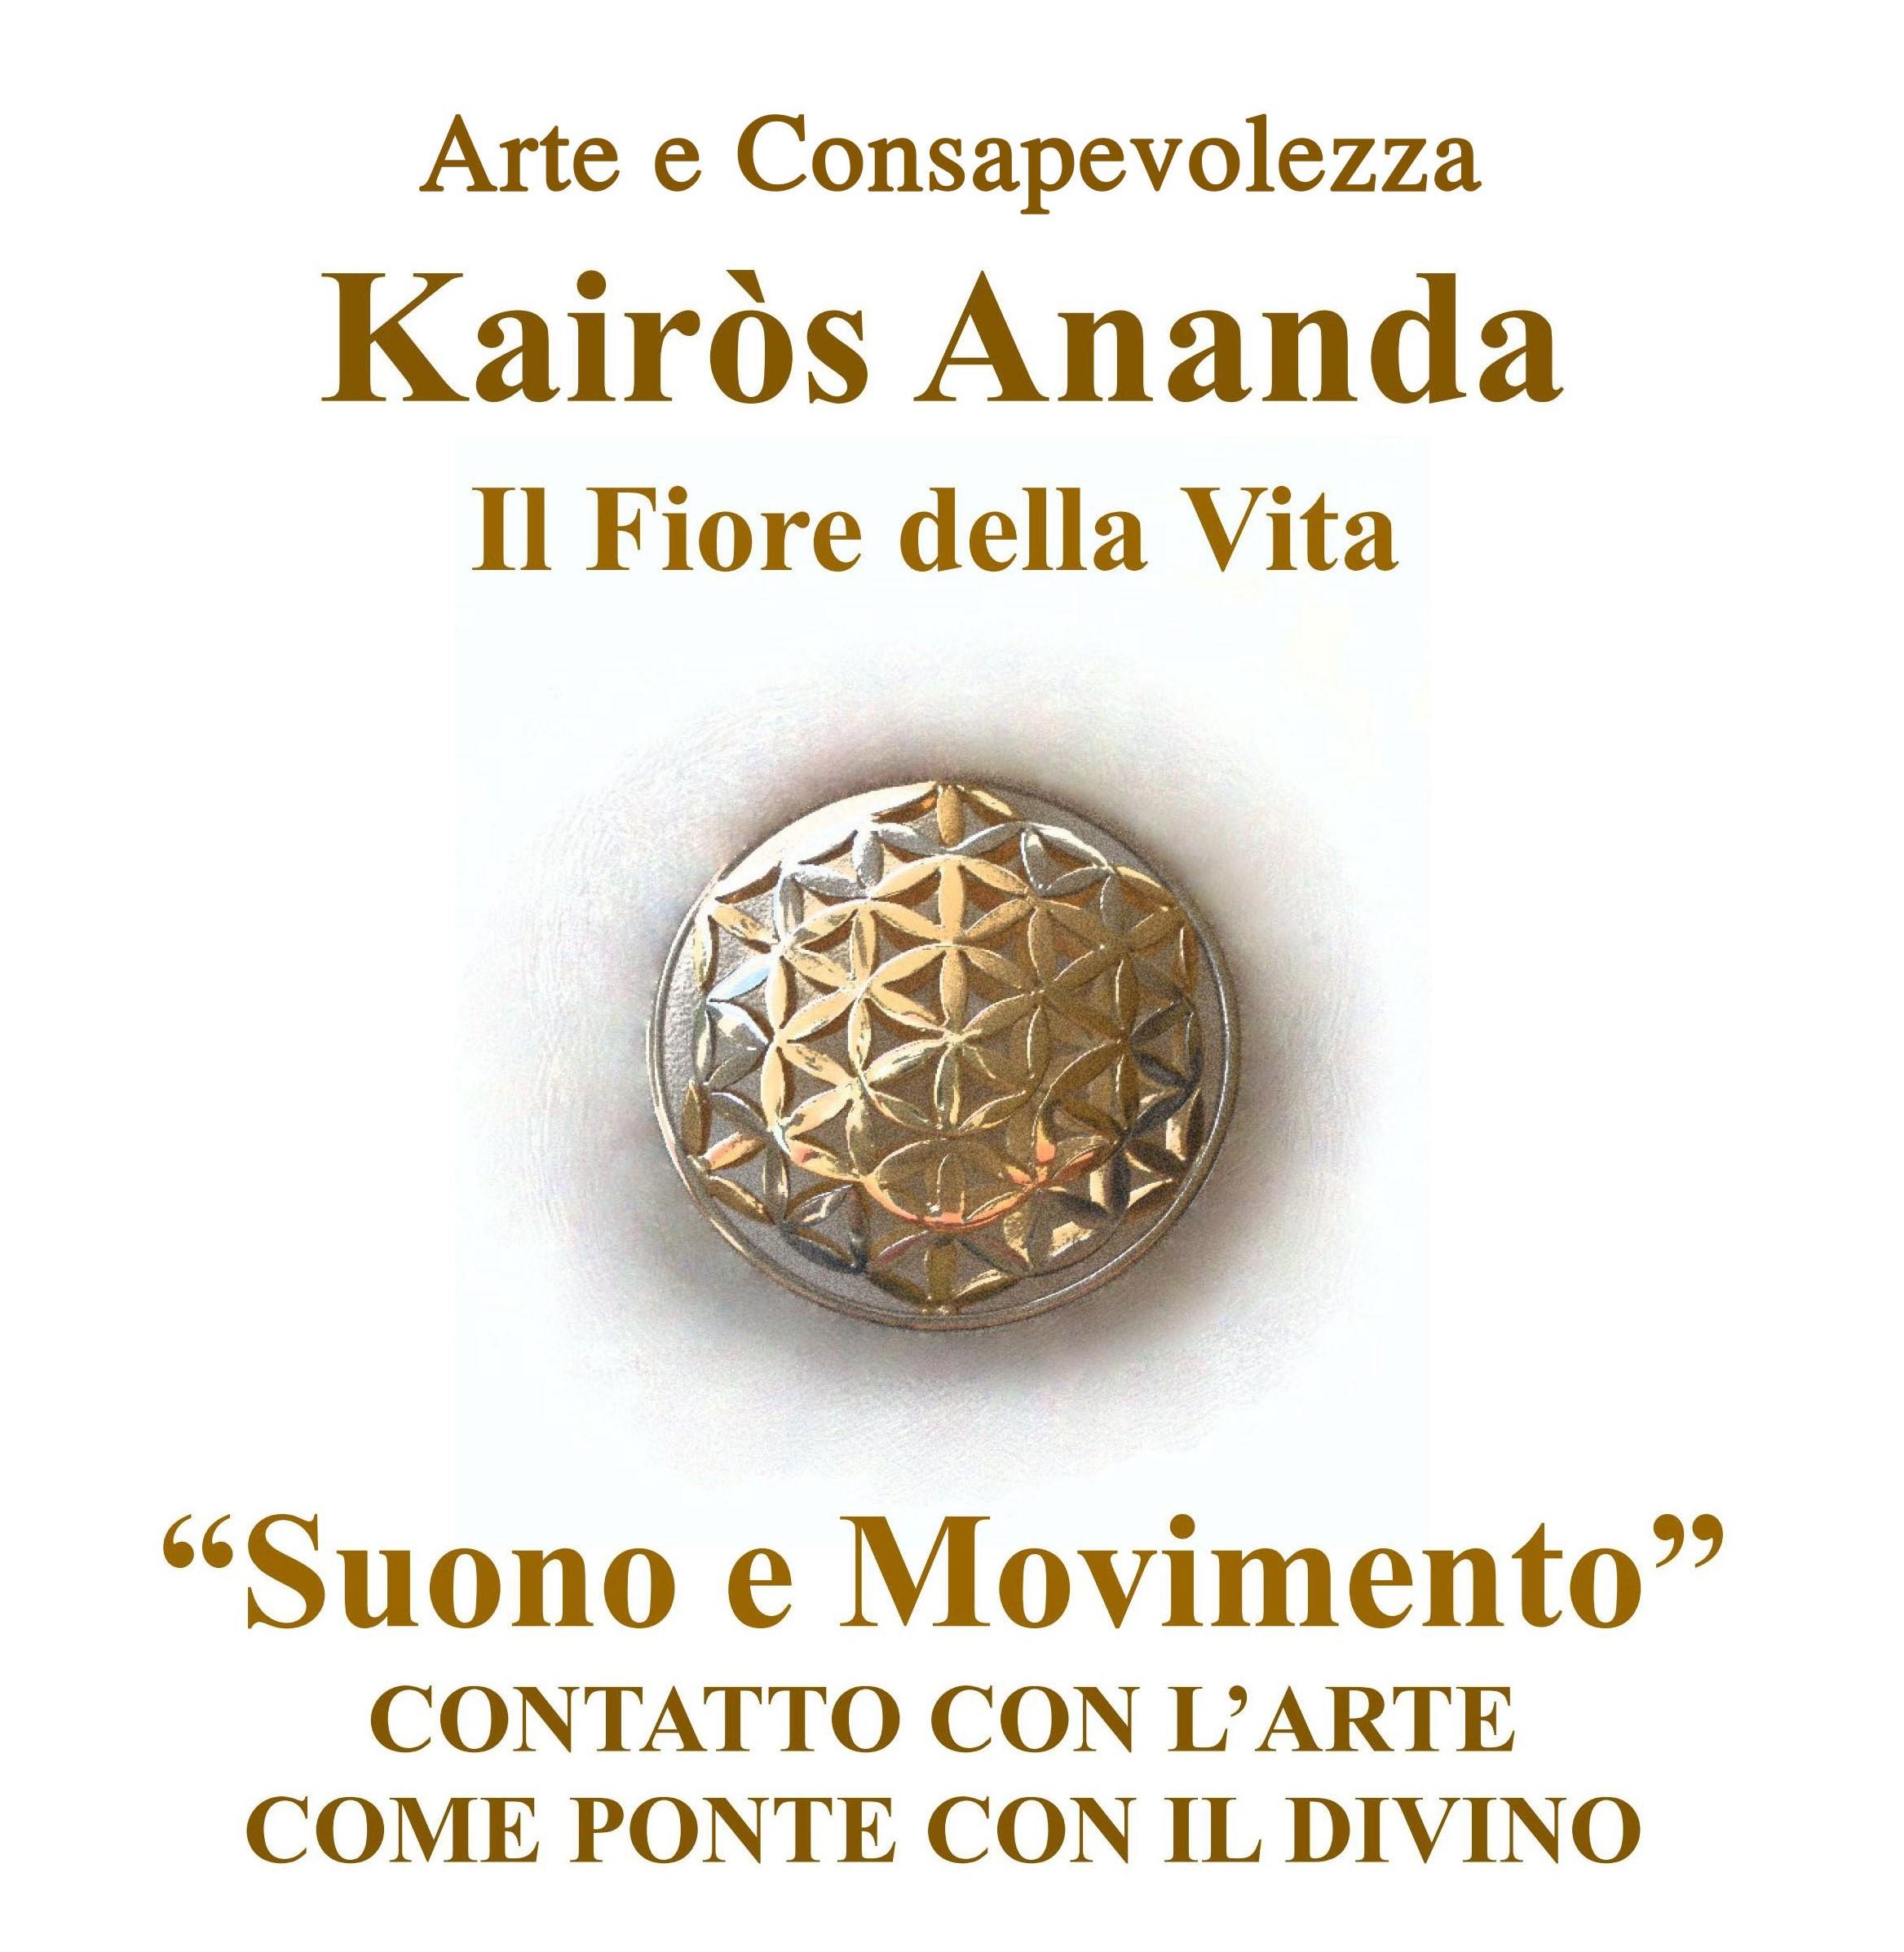 Immagine pagina Kairòs Ananda_aggiornata a settembre 2018